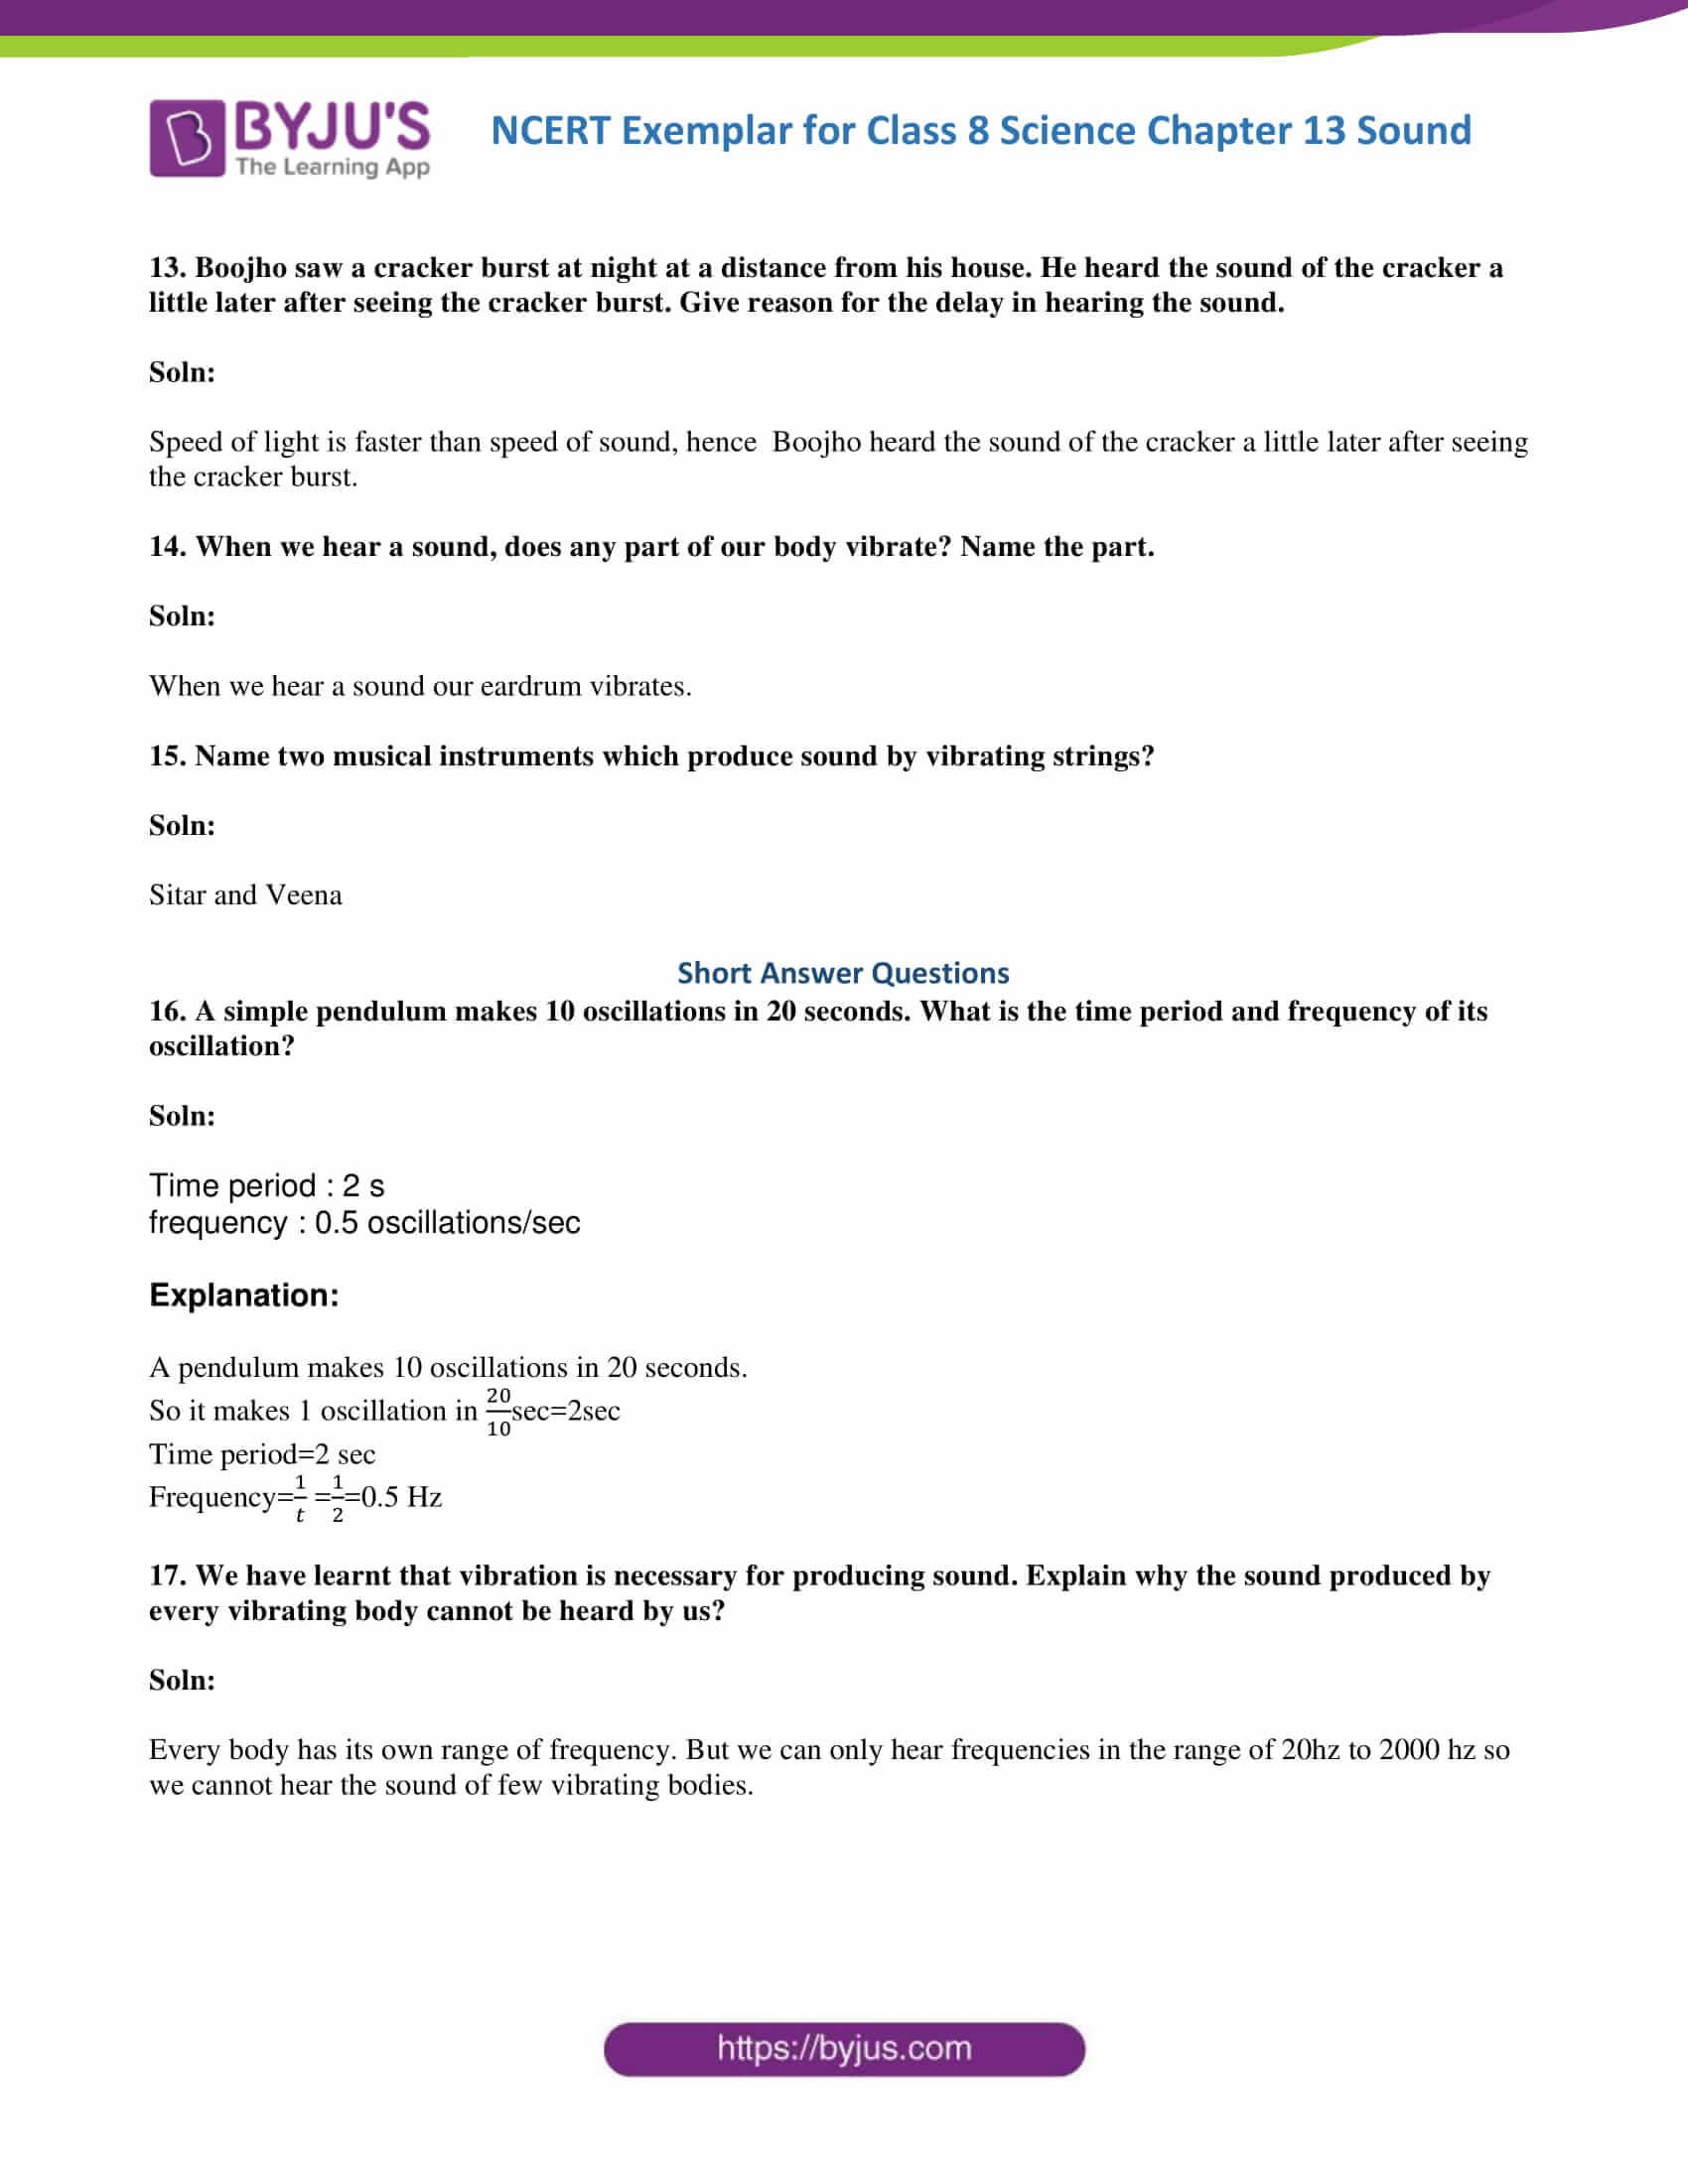 NCERT Exemplar solution class 8 science chapter 13 part 5